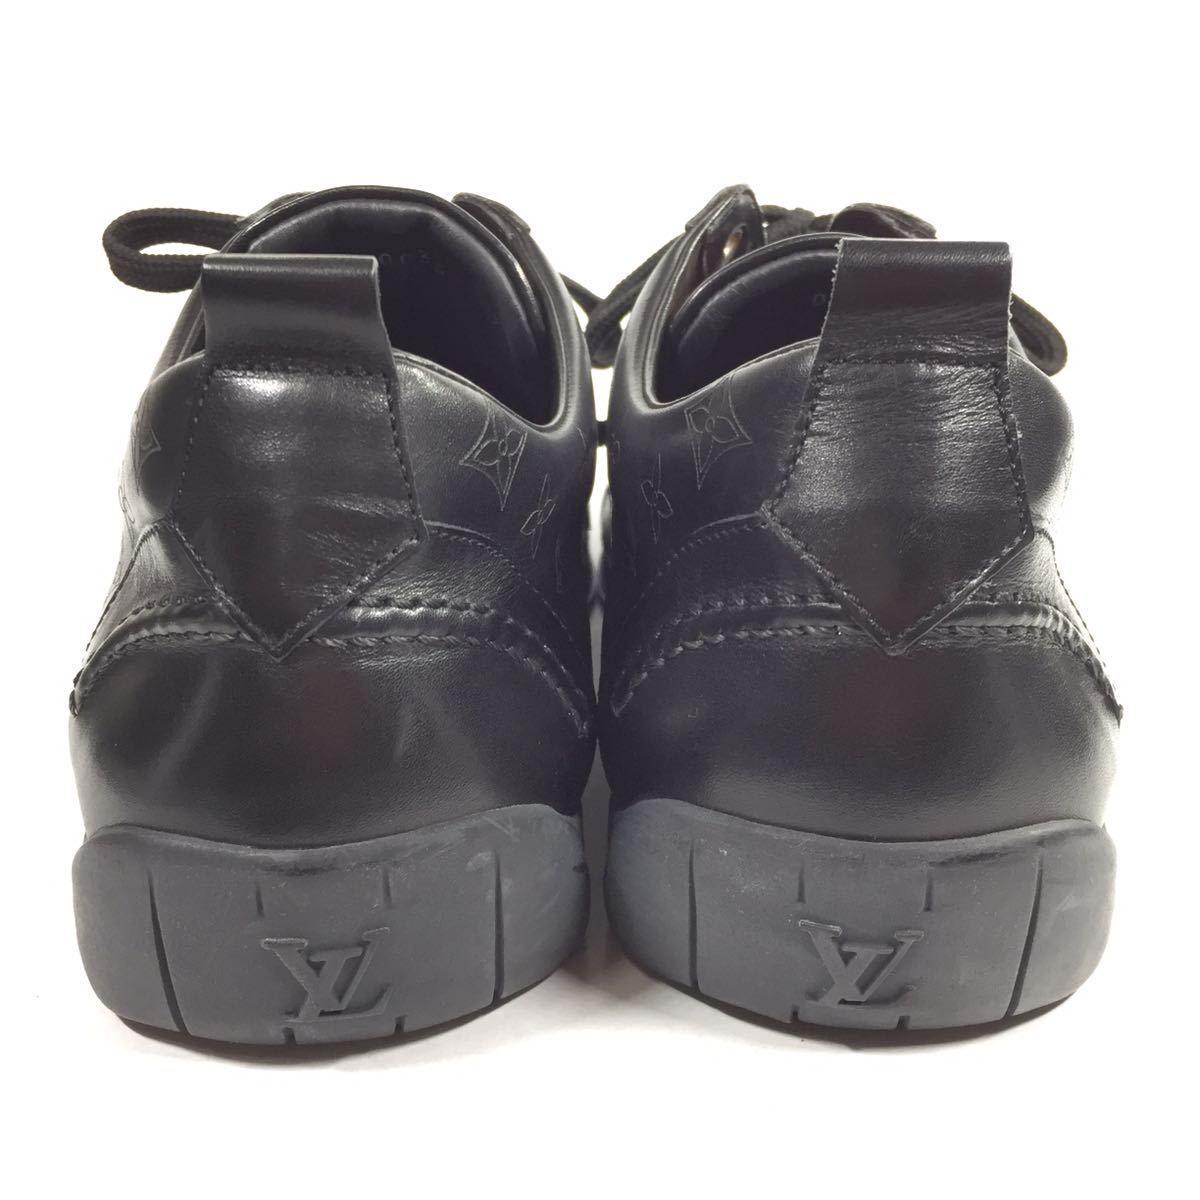 【ルイヴィトン】本物 LOUIS VUITTON 靴 28cm 黒 モノグラム スニーカー カジュアルシューズ 本革 レザー 男性用 メンズ イタリア製 9 1/2_画像3